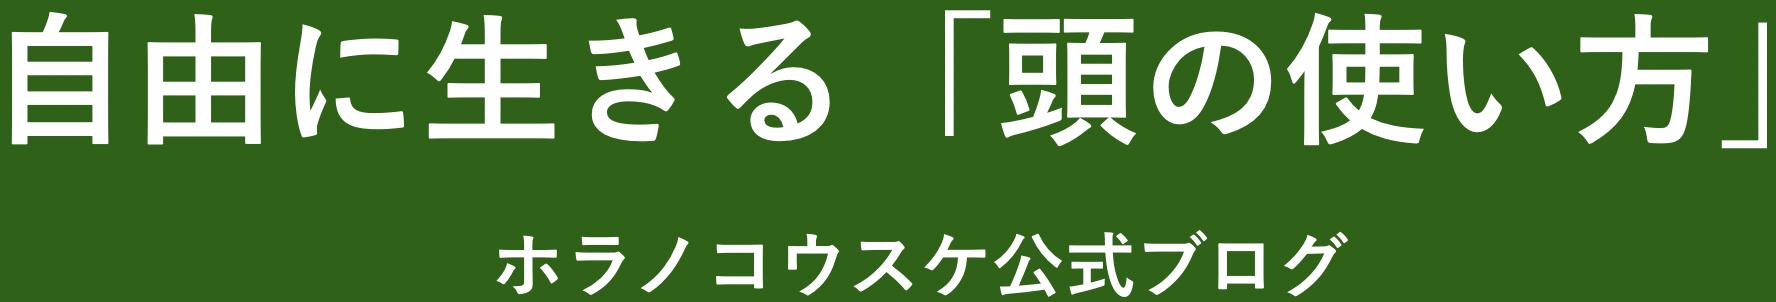 自由に生きる「頭の使い方」ホラノコウスケ公式ブログ